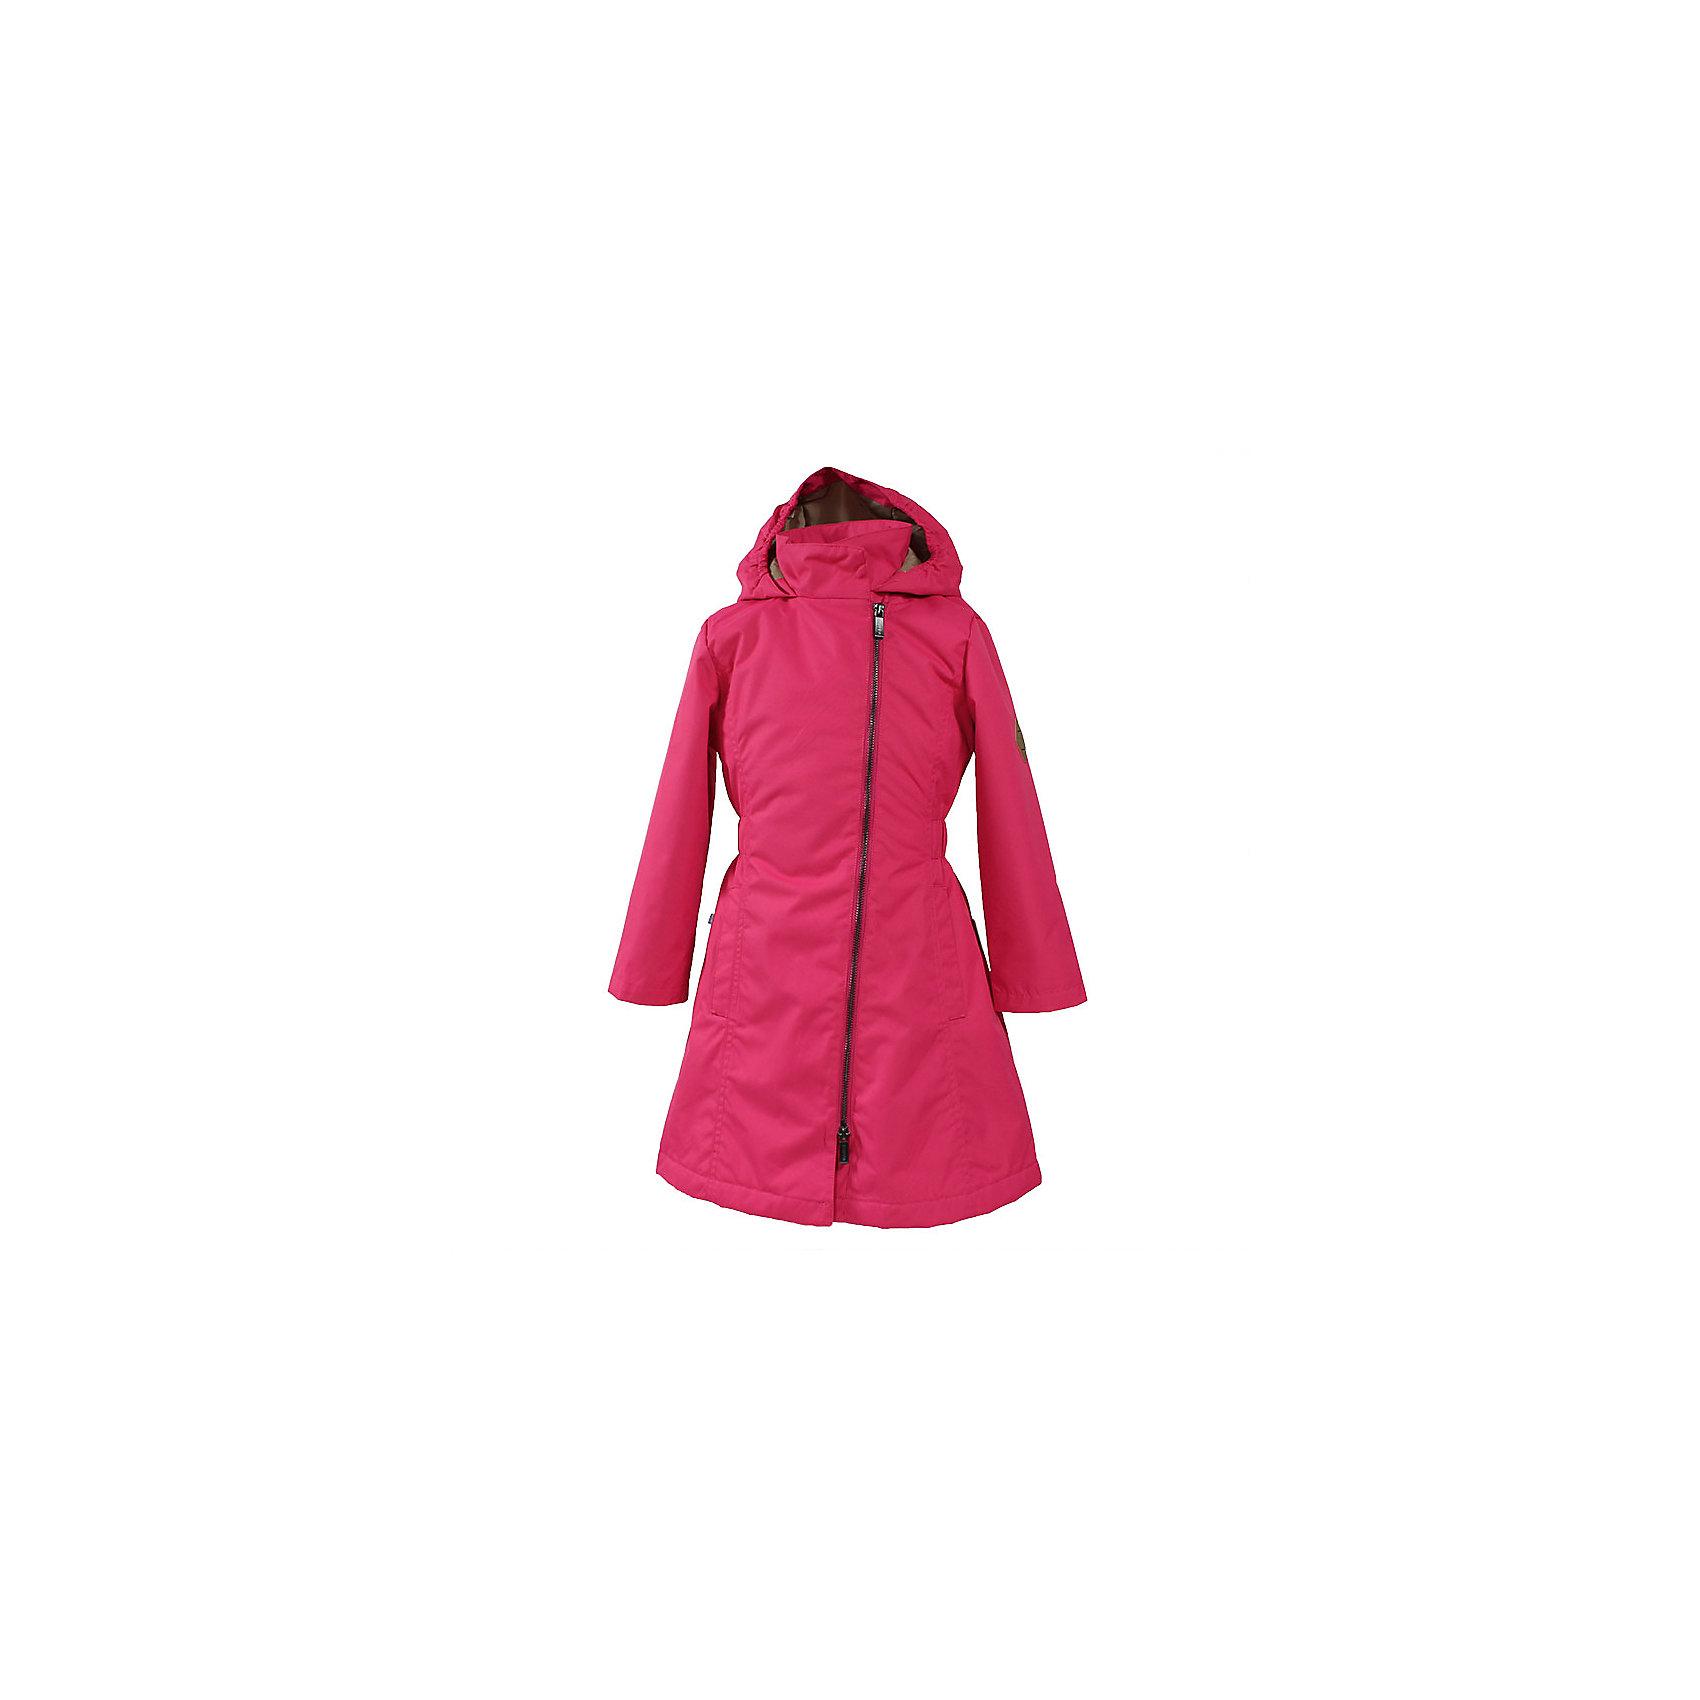 Пальто для девочки LUISA HuppaВерхняя одежда<br>Характеристики товара:<br><br>• цвет: розовый<br>• состав: 100% полиэстер (подкладка - тафта)<br>• утеплитель: 40 г<br>• температурный режим: от 0°С до +10°С<br>• водонепроницаемость: 10000 мм<br>• воздухопроницаемость: 10000 мм<br>• светоотражающие детали<br>• плечевые швы проклеены<br>• молния<br>• съёмный капюшон с резинкой<br>• приталенный силуэт<br>• прорезные карманы<br>• комфортная посадка<br>• коллекция: весна-лето 2017<br>• страна бренда: Эстония<br><br>Это красивое пальто обеспечит детям тепло и комфорт. Оно сделано из материала, отталкивающего воду, и дополнено подкладкой с утеплителем, поэтому изделие идеально подходит для межсезонья. Для удобства надевания сделана длинная молния. Пальто очень симпатично смотрится, яркая расцветка и крой добавляют ему оригинальности. Модель была разработана специально для детей.<br><br>Одежда и обувь от популярного эстонского бренда Huppa - отличный вариант одеть ребенка можно и комфортно. Вещи, выпускаемые компанией, качественные, продуманные и очень удобные. Для производства изделий используются только безопасные для детей материалы. Продукция от Huppa порадует и детей, и их родителей!<br><br>Пальто для девочки LUISA от бренда Huppa (Хуппа) можно купить в нашем интернет-магазине.<br><br>Ширина мм: 356<br>Глубина мм: 10<br>Высота мм: 245<br>Вес г: 519<br>Цвет: лиловый<br>Возраст от месяцев: 48<br>Возраст до месяцев: 60<br>Пол: Женский<br>Возраст: Детский<br>Размер: 110,170,116,122,128,134,140,146,152,158,164<br>SKU: 5346380